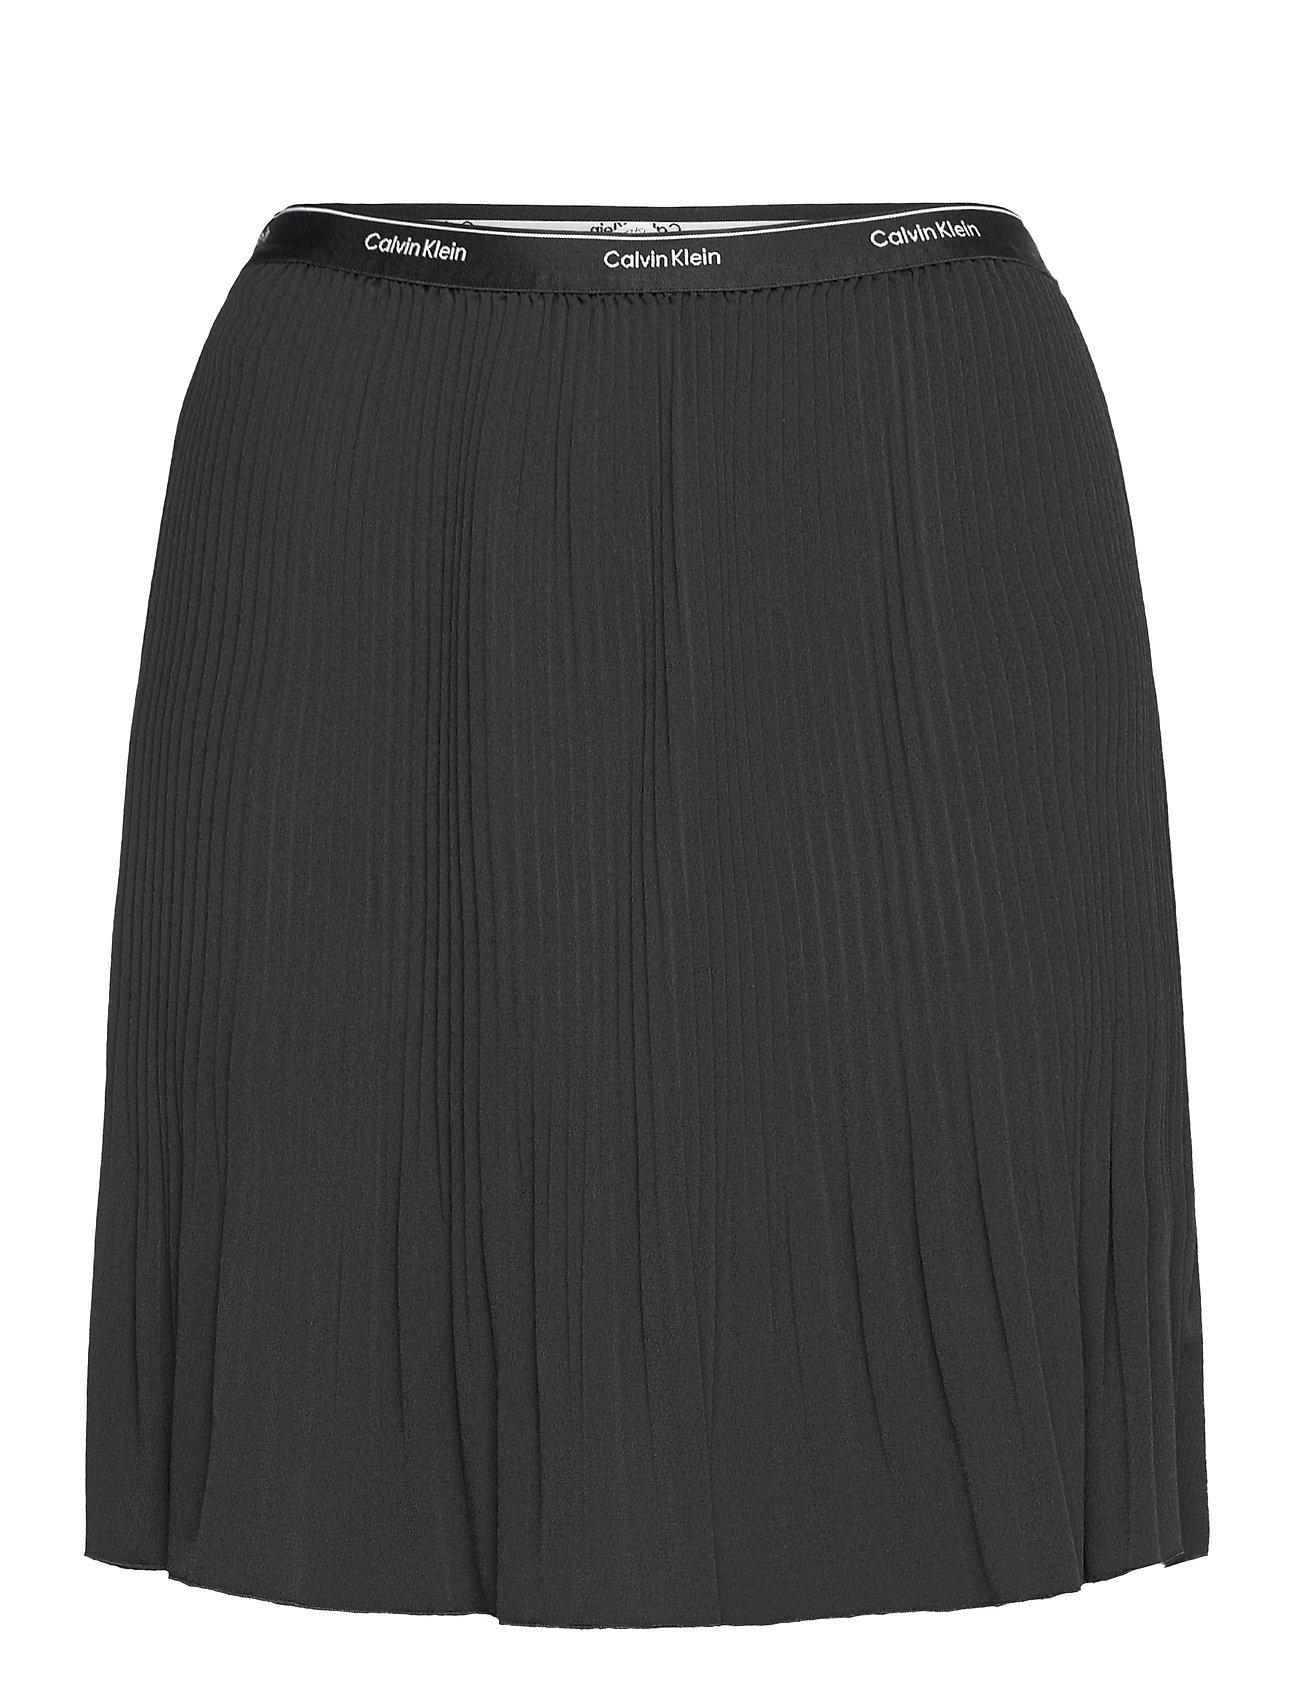 Short Micro Pleat Skirt Kort Nederdel Sort Calvin Klein